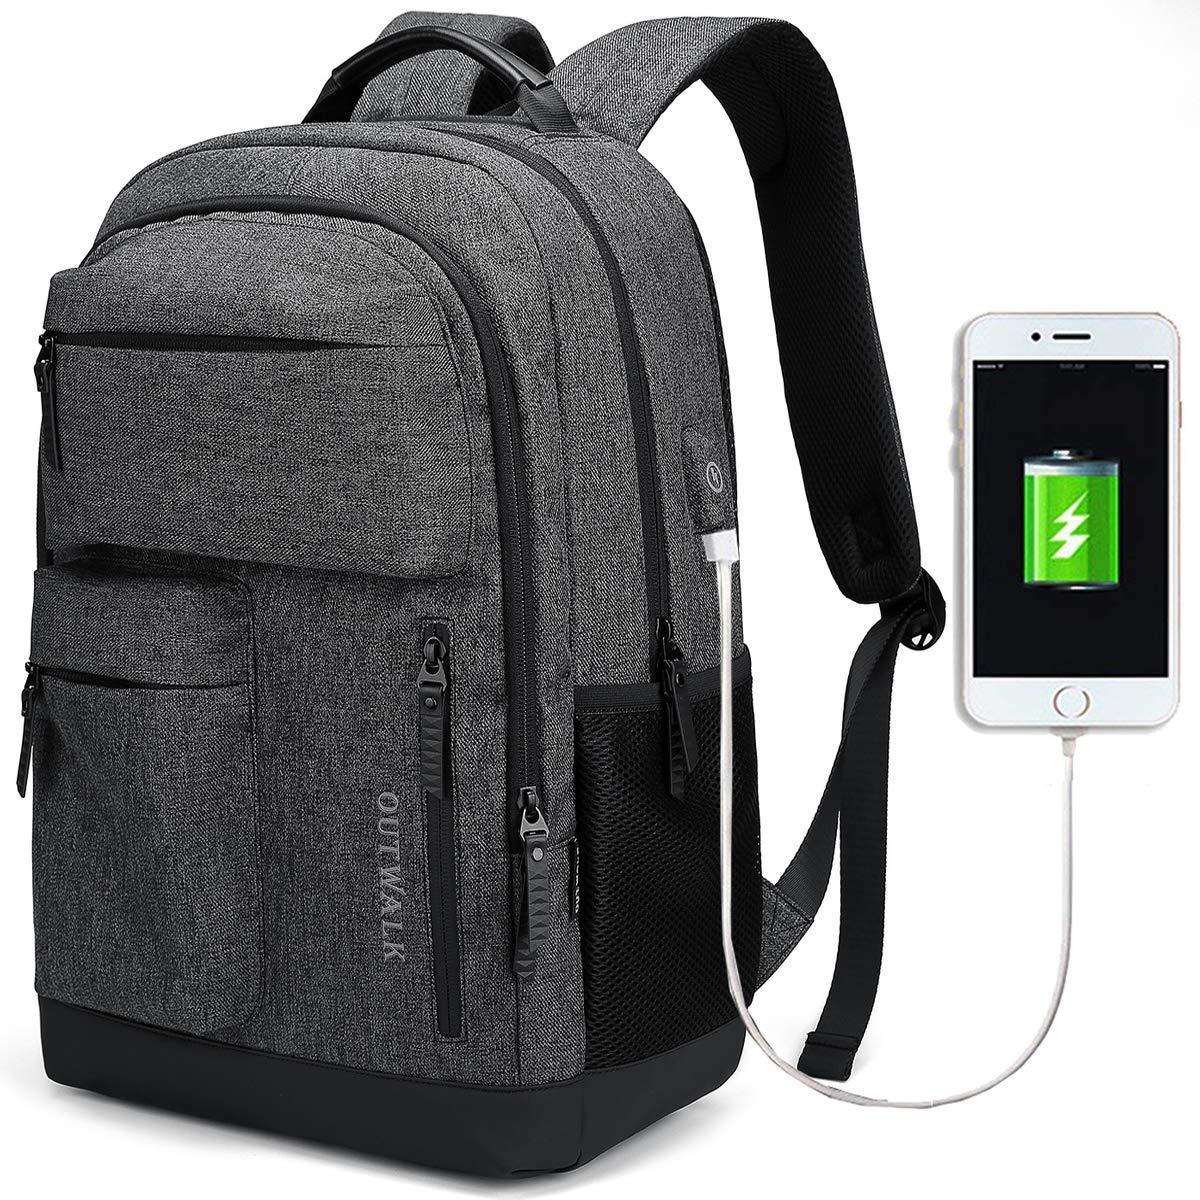 190deabff4472 JANSBEN Wasserdichte Laptop Rucksack Herren Damen Jungen Schulrucksack mit  USB-Ladeanschluss